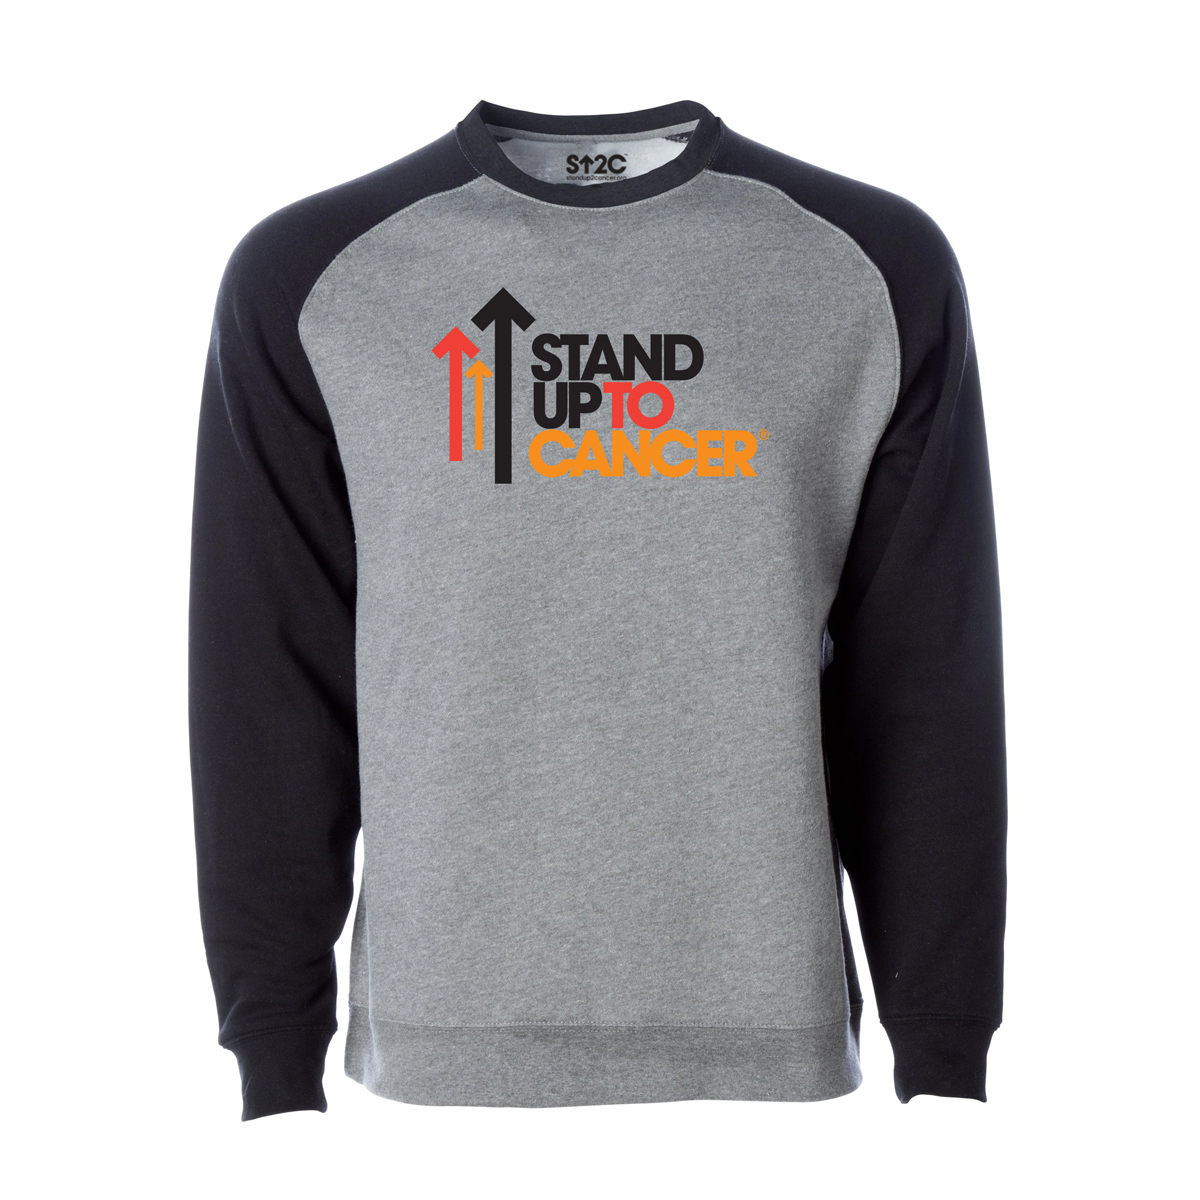 SU2C Full Logo Raglan Sweatshirt